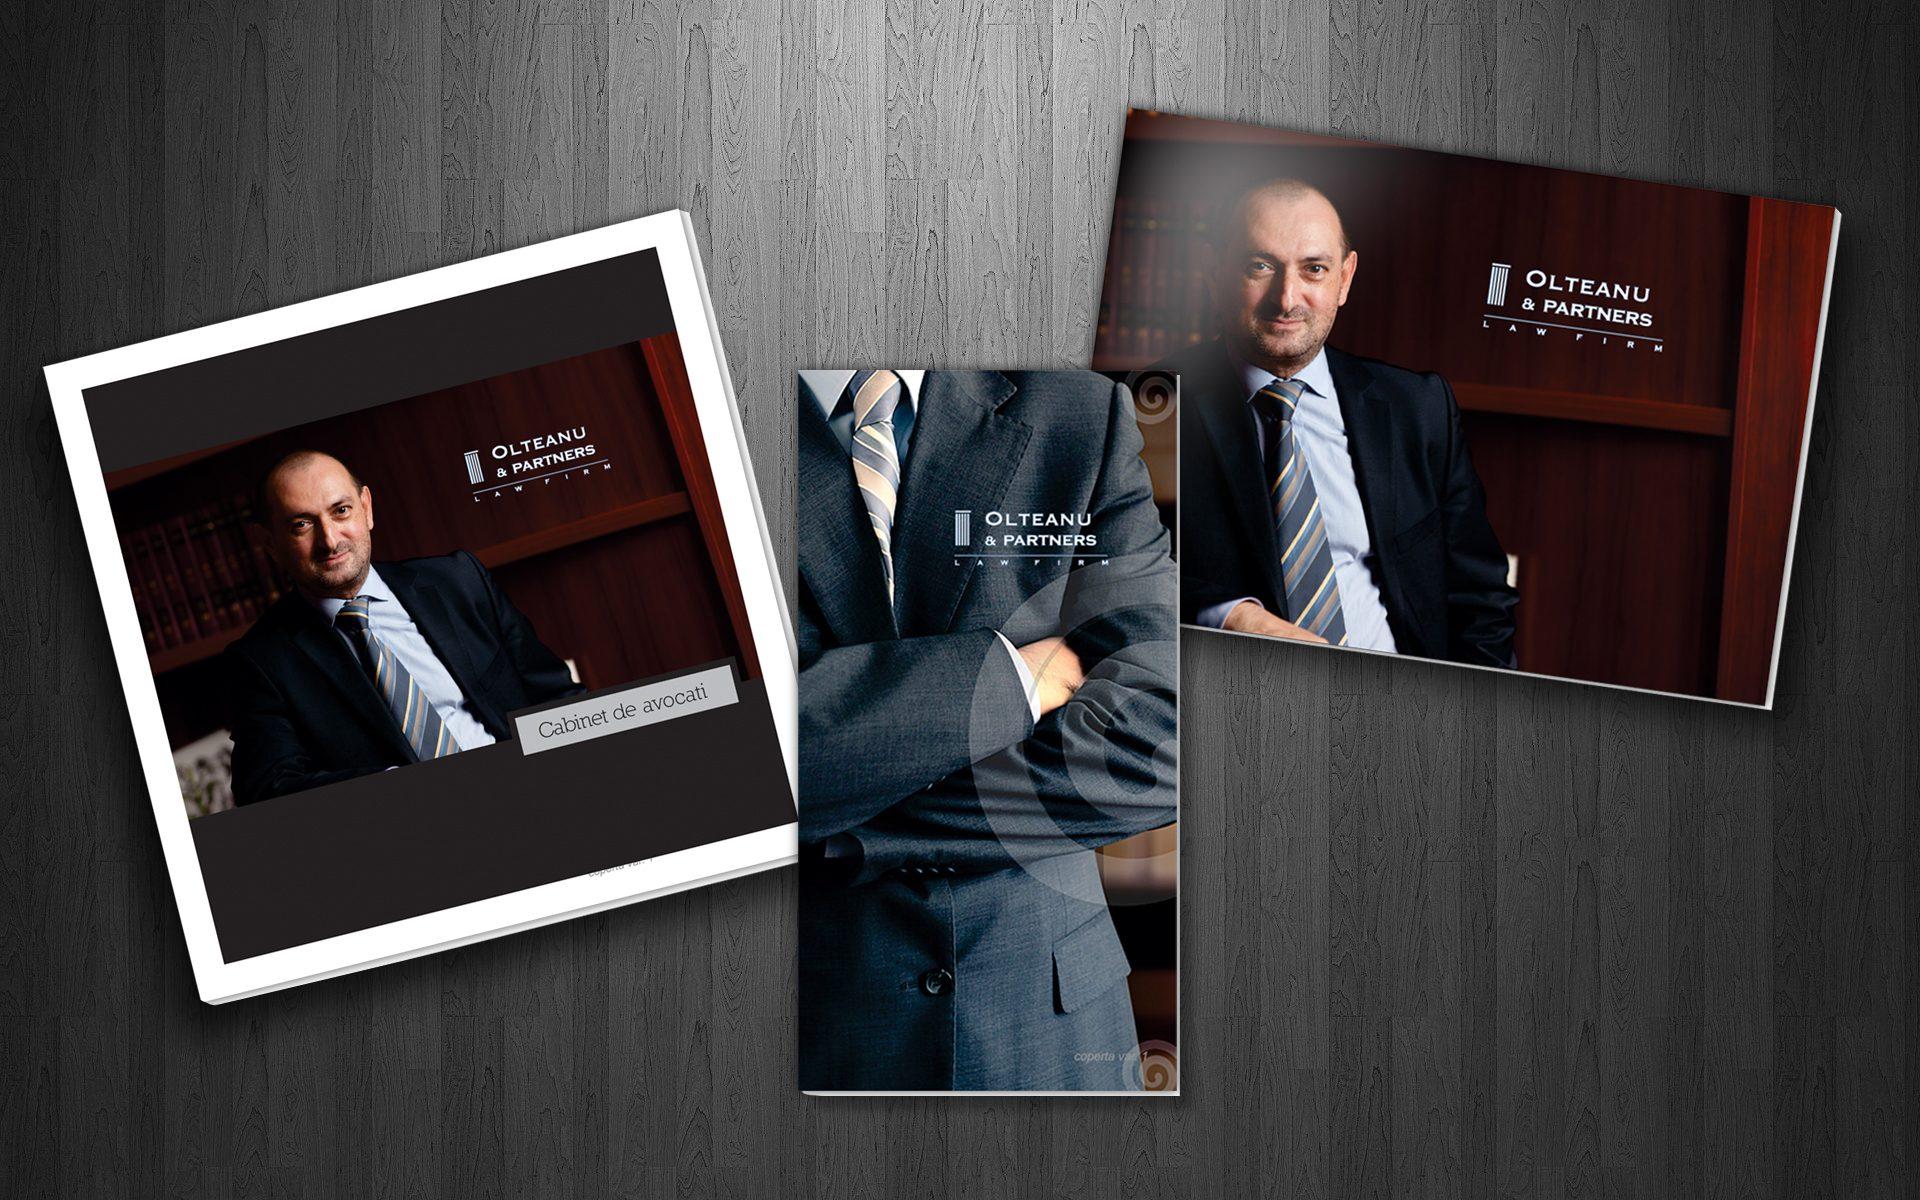 Societatea de avocatura Olteanu&Asociatii